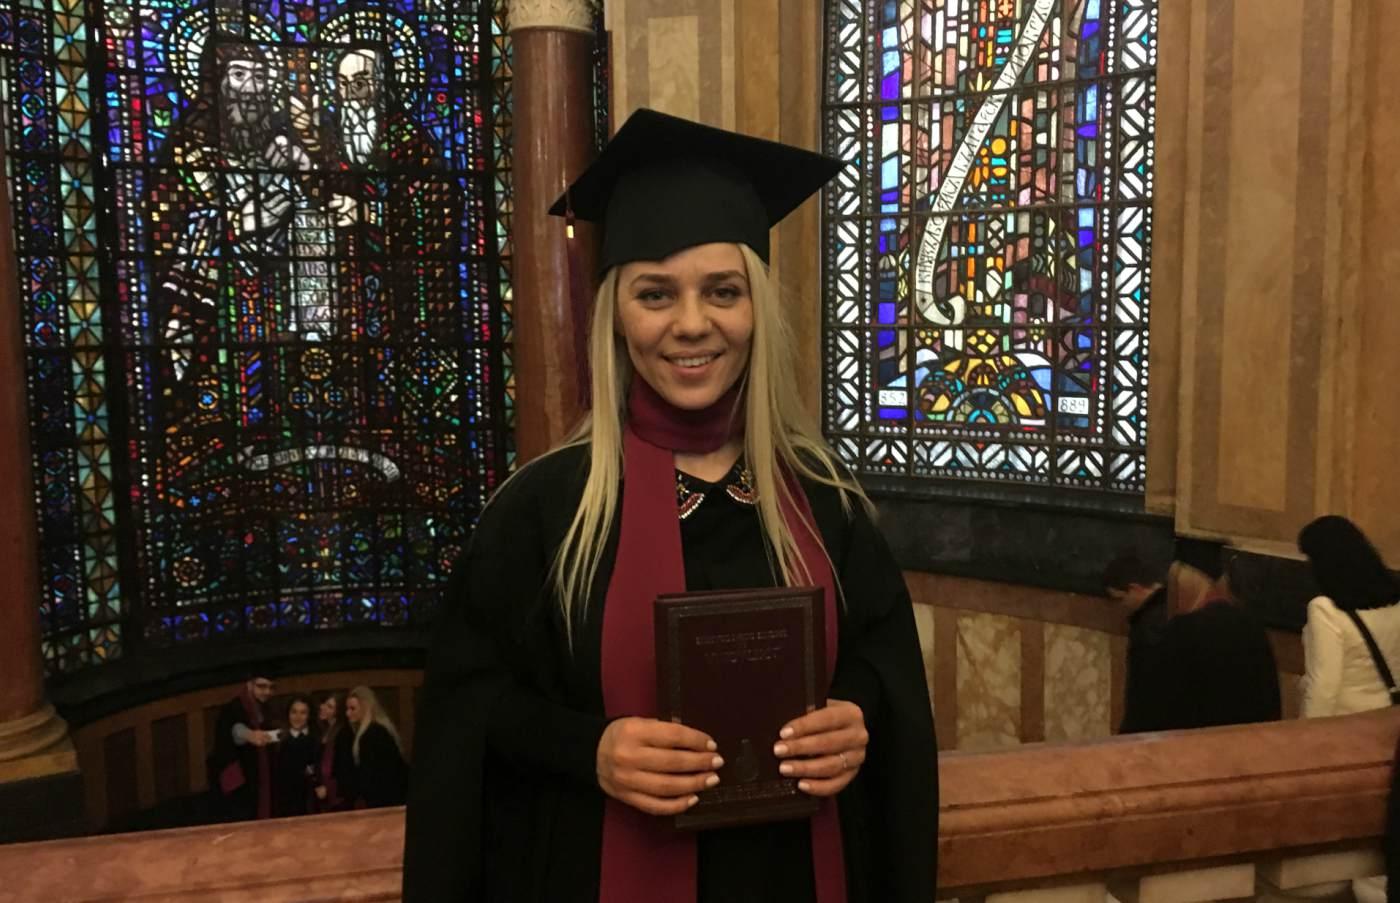 Честито дипломиране, Гергана!